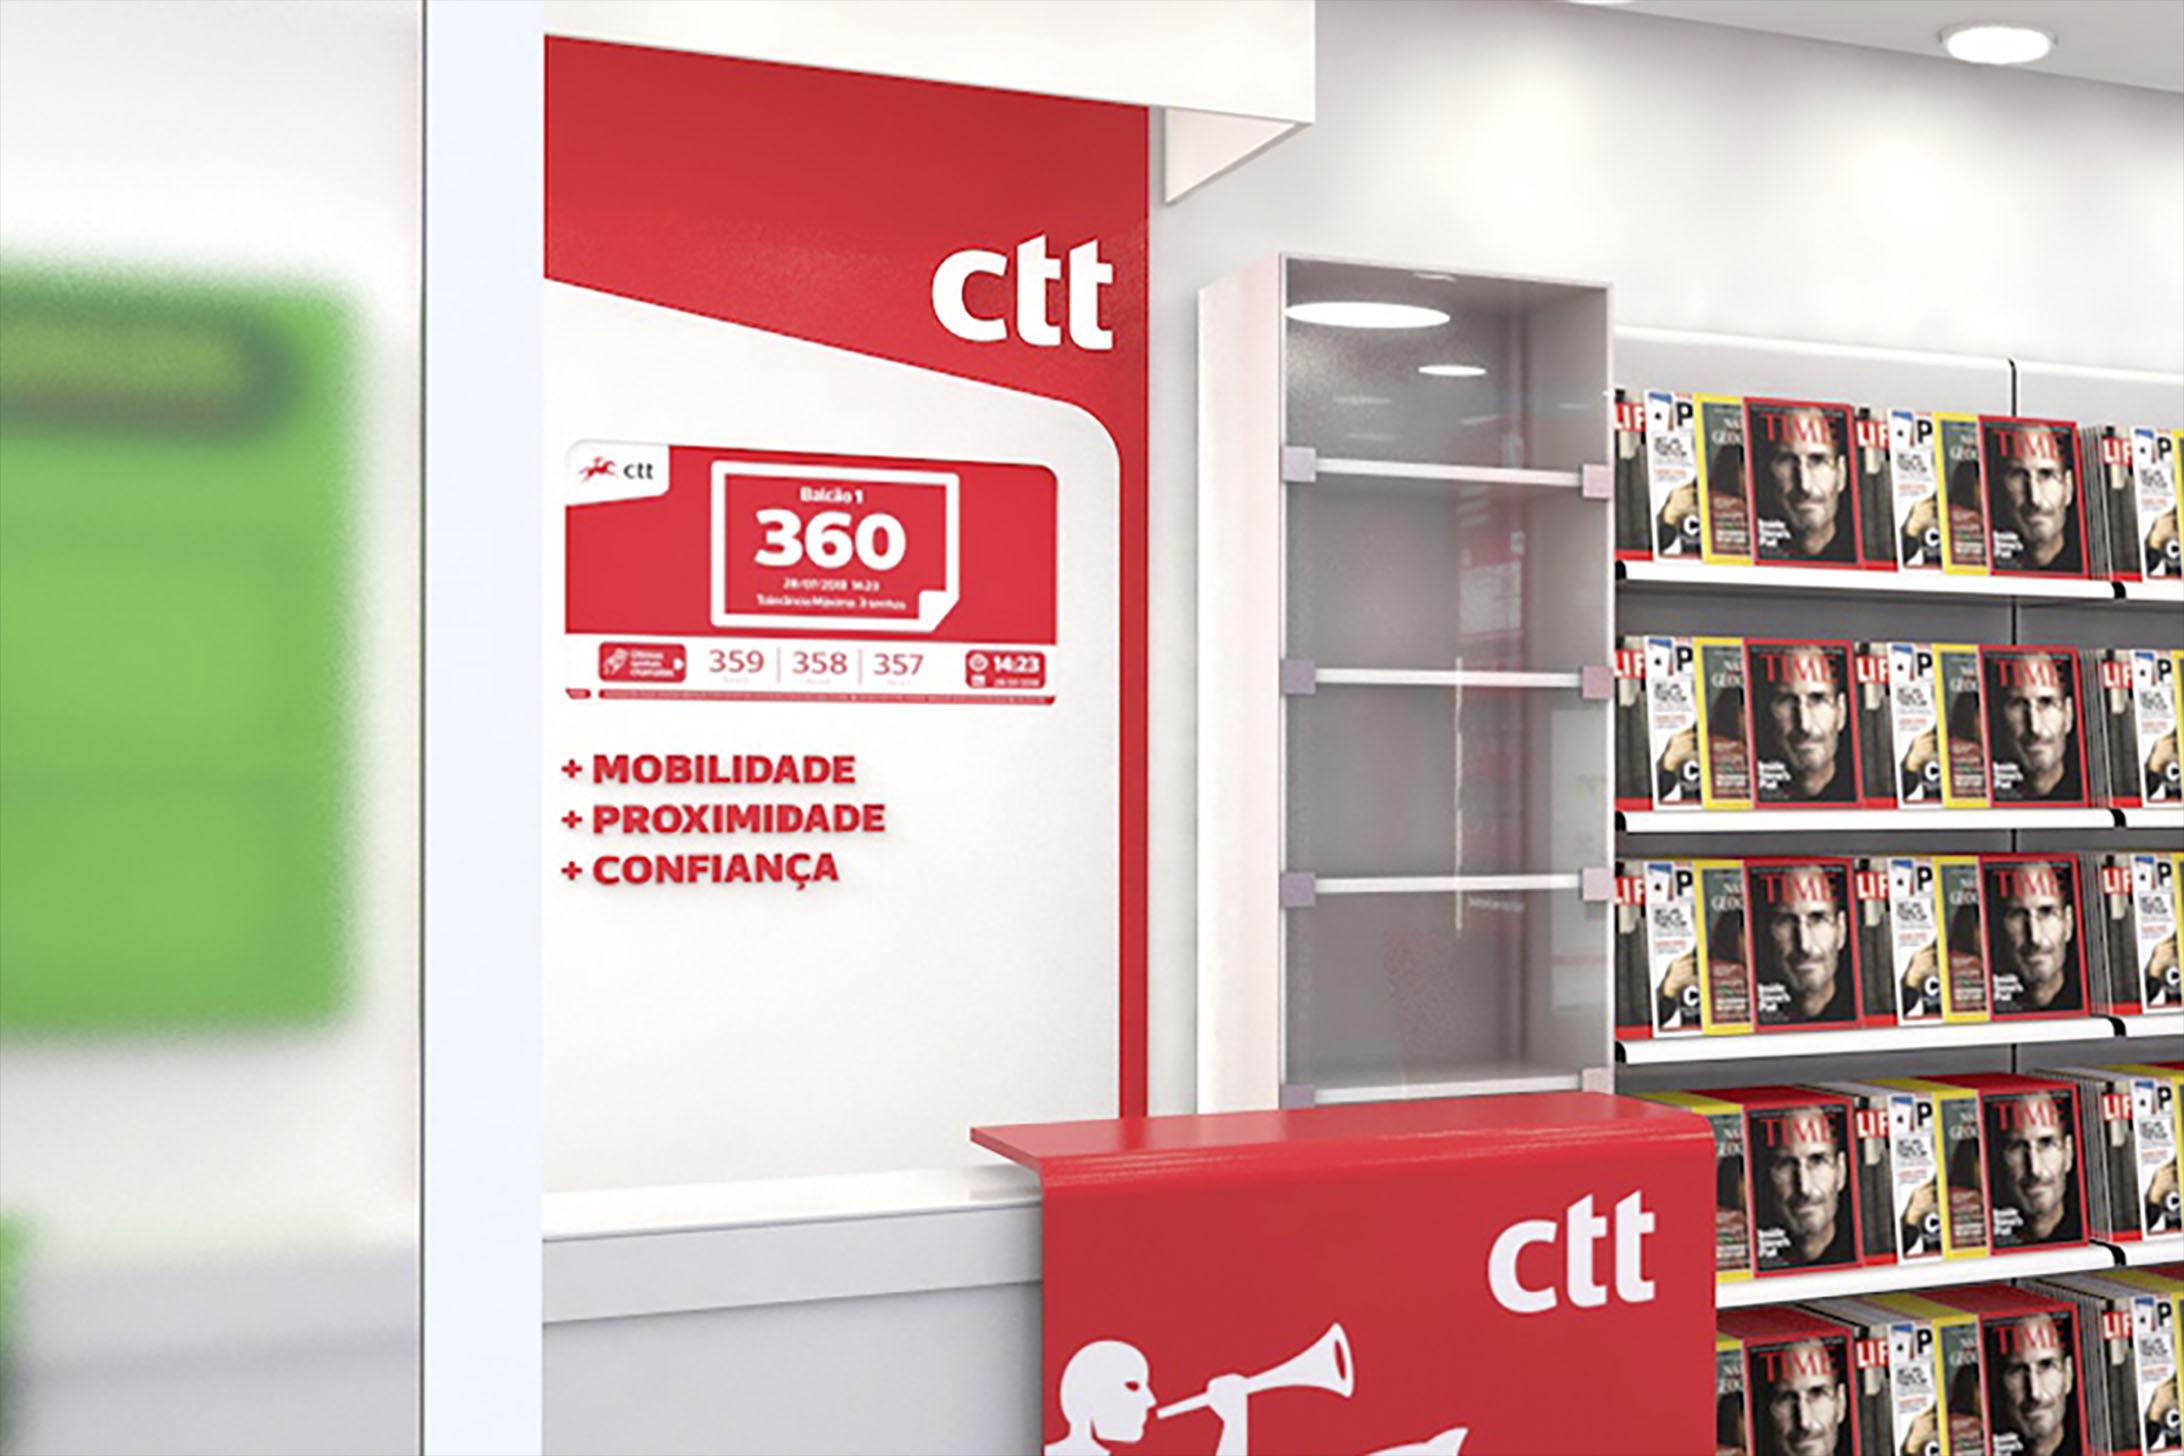 ctt01